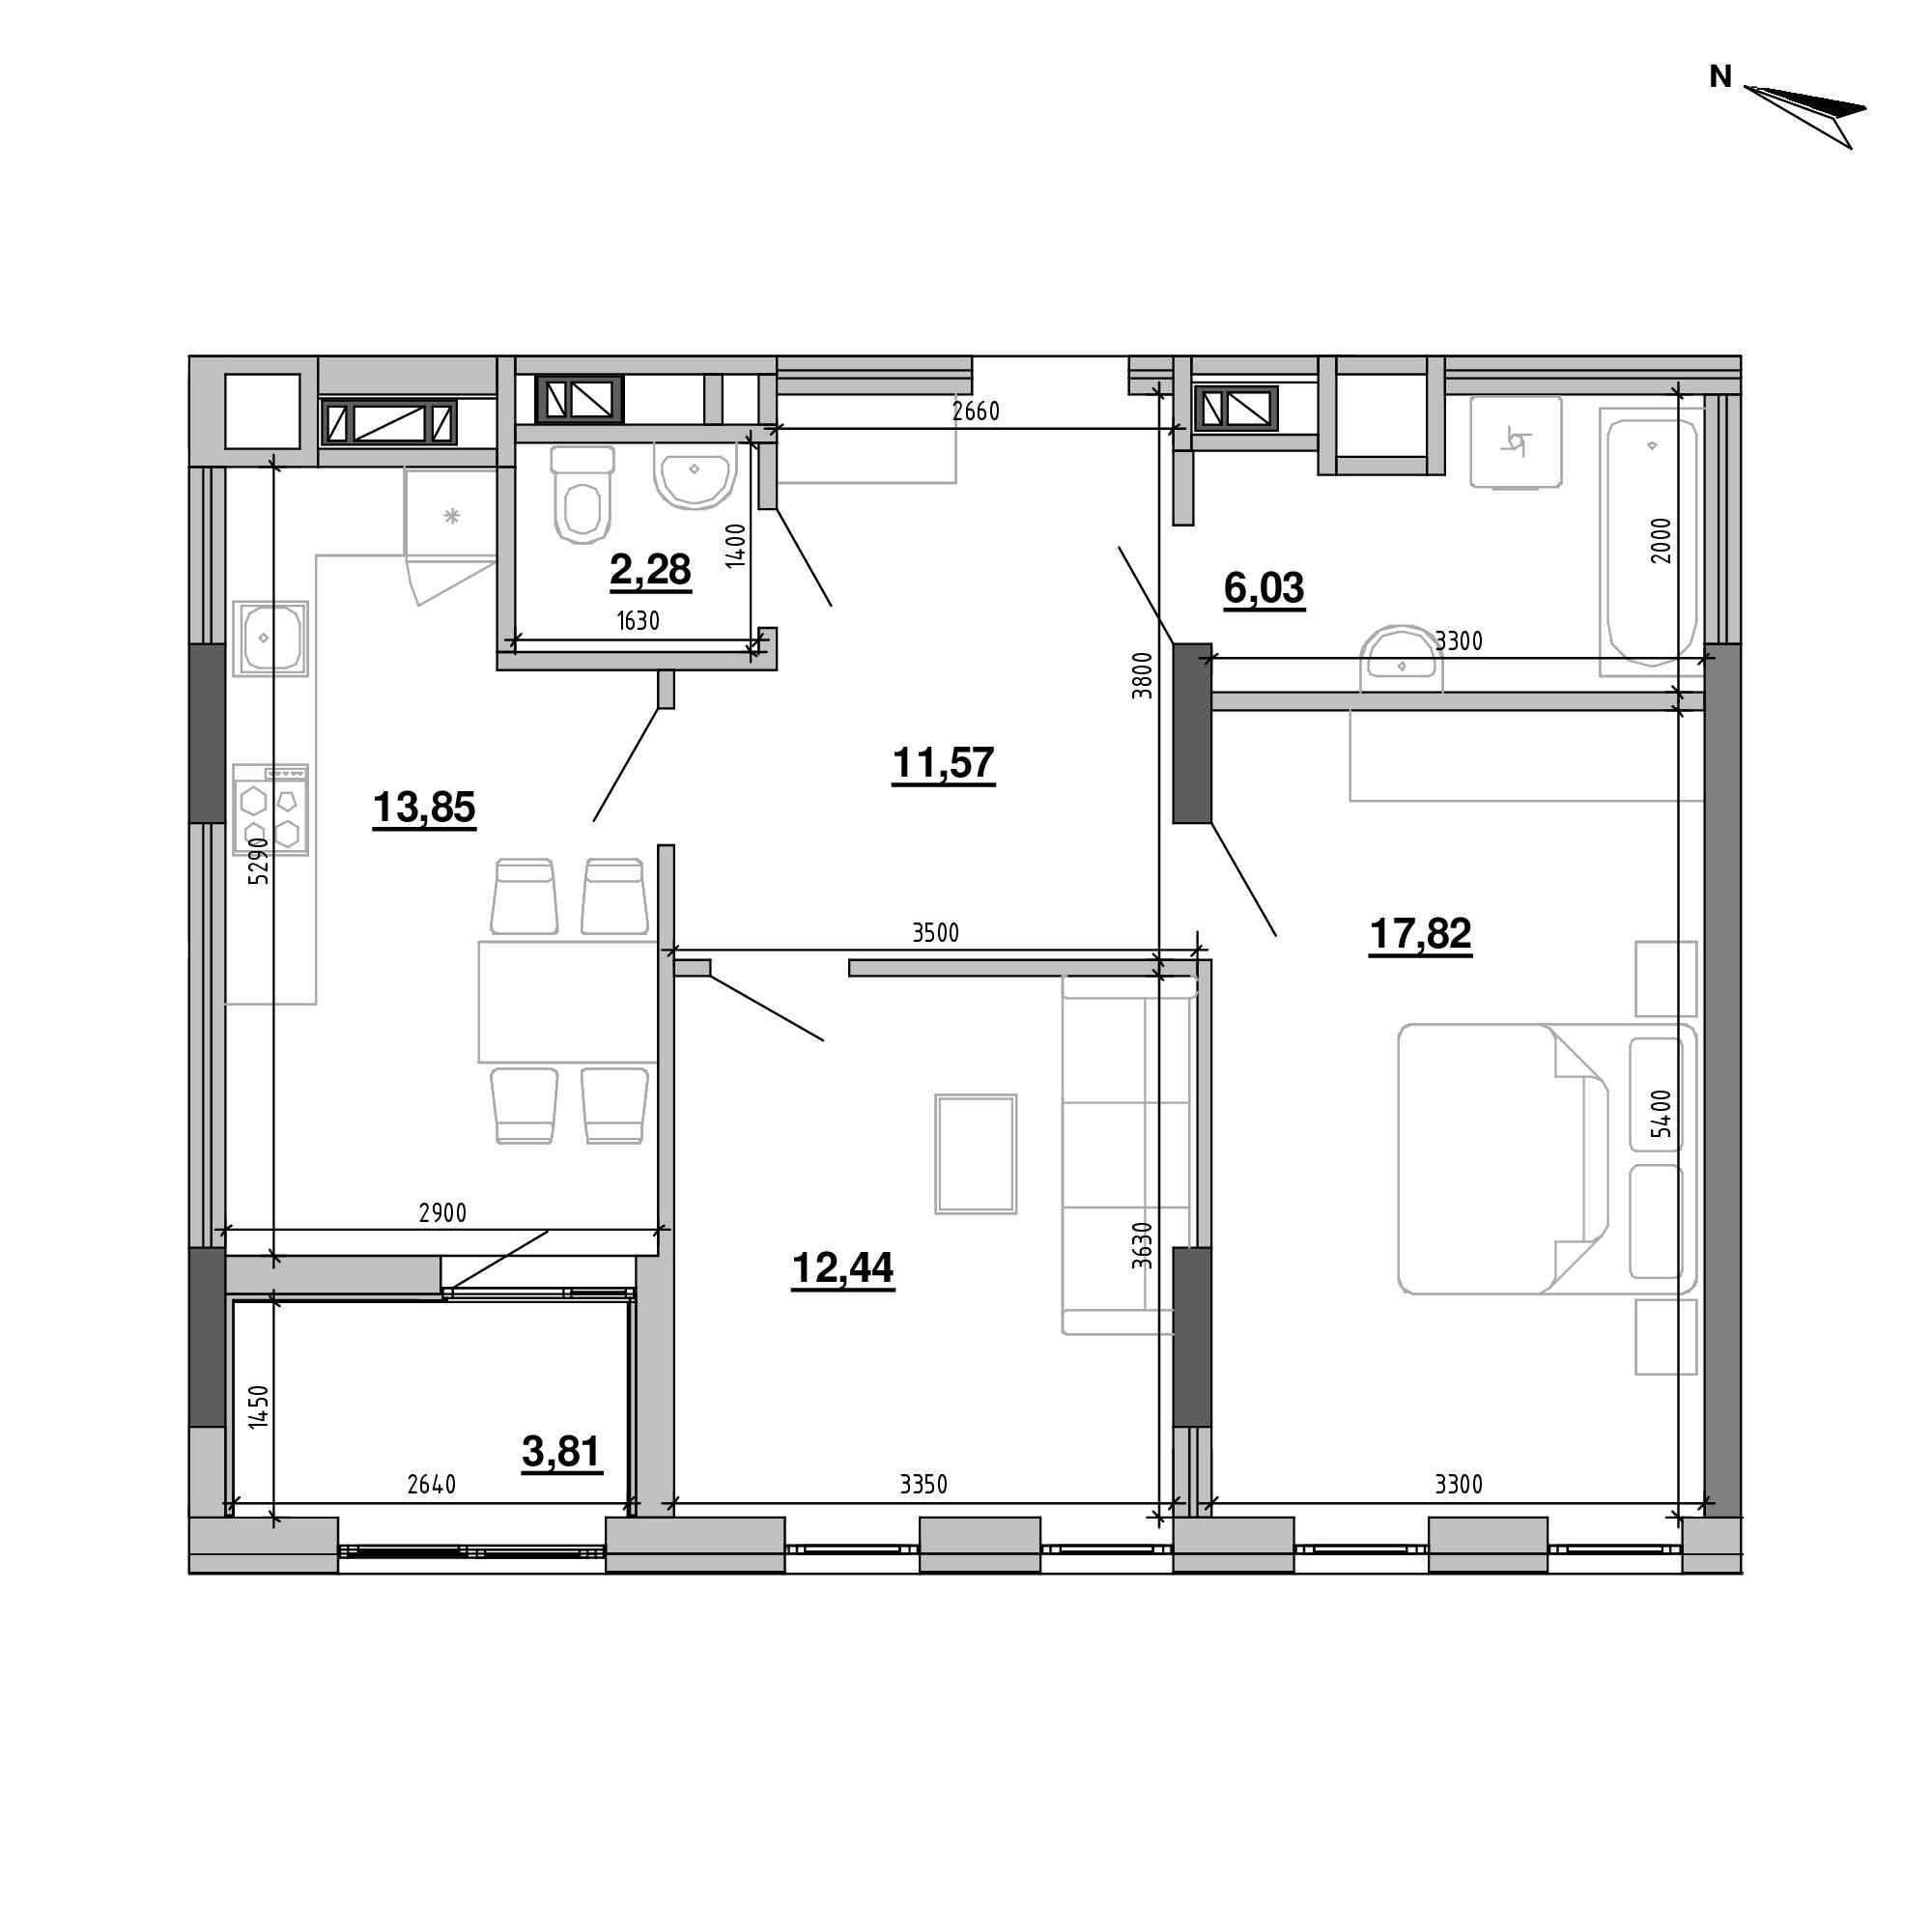 ЖК Підзамче. Брама: планування 2-кімнатної квартири, №22, 67.8 м<sup>2</sup>